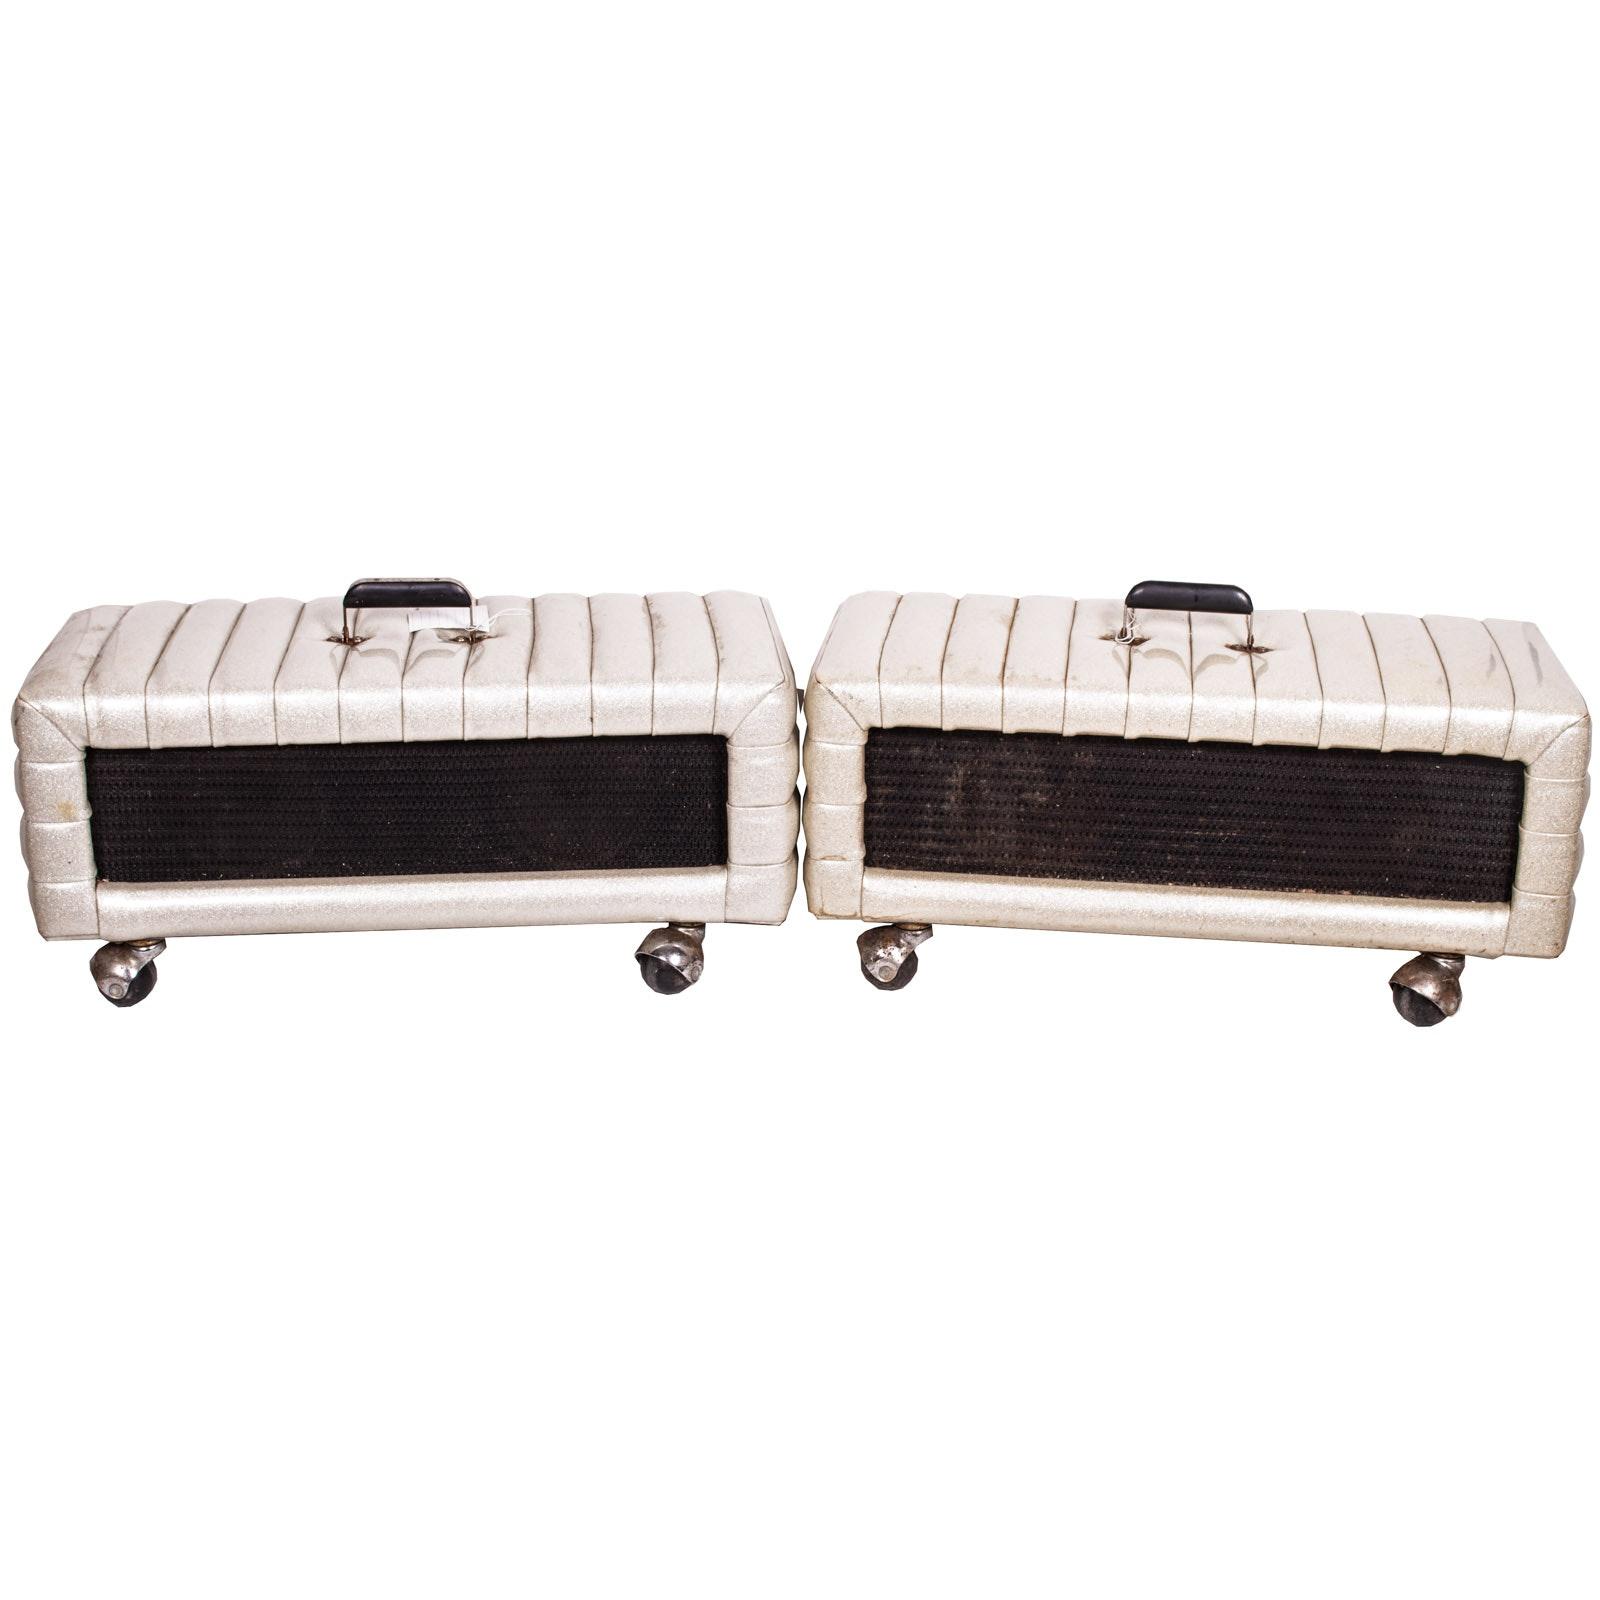 Vintage Kustom Amp Head Cabs